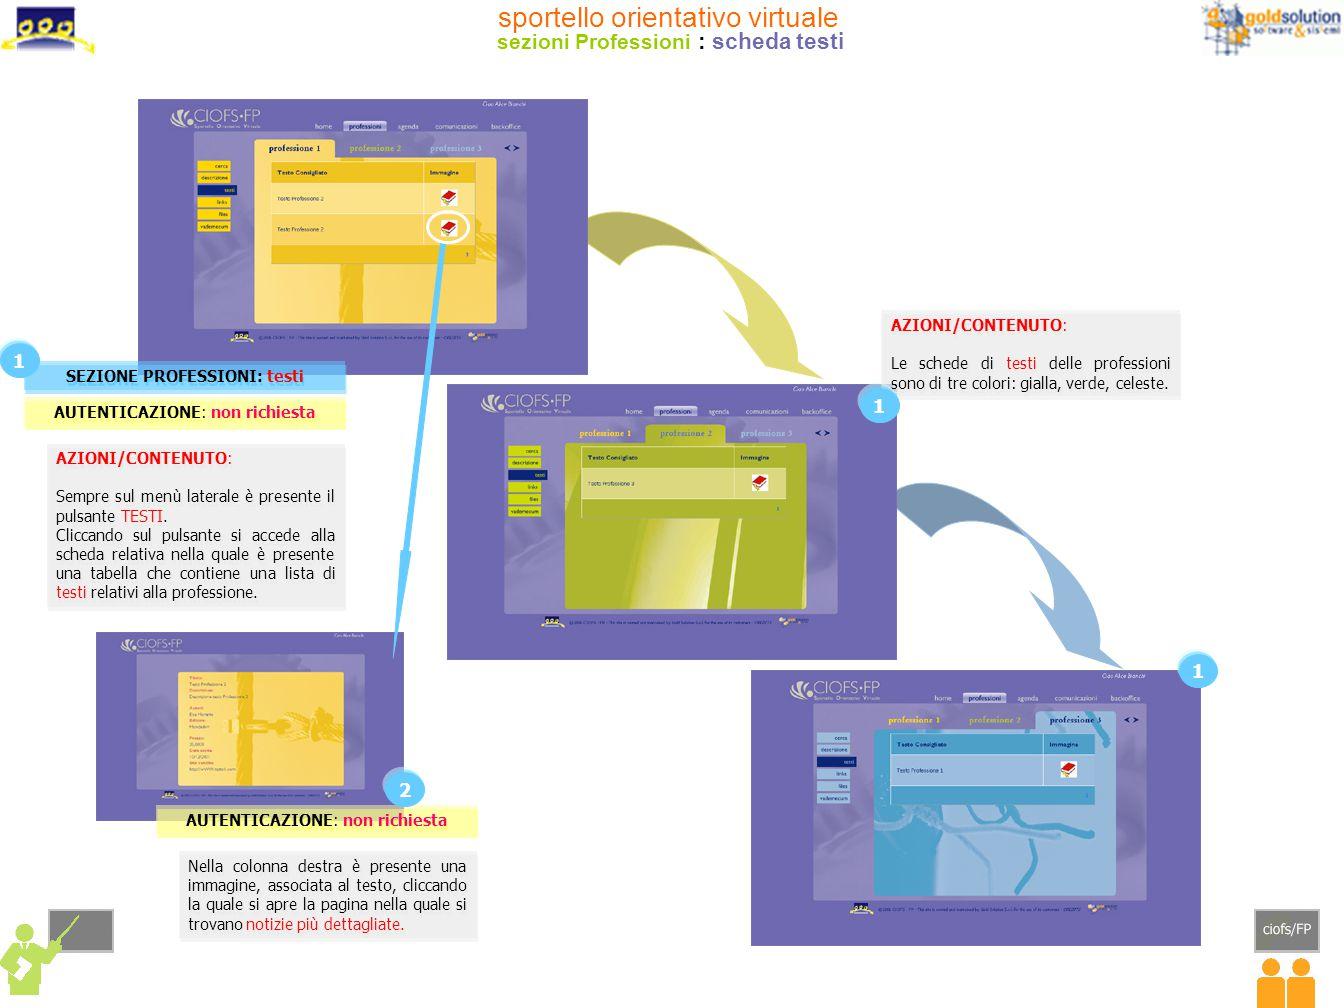 AZIONI/CONTENUTO: Sempre sul menù laterale è presente il pulsante TESTI. Cliccando sul pulsante si accede alla scheda relativa nella quale è presente